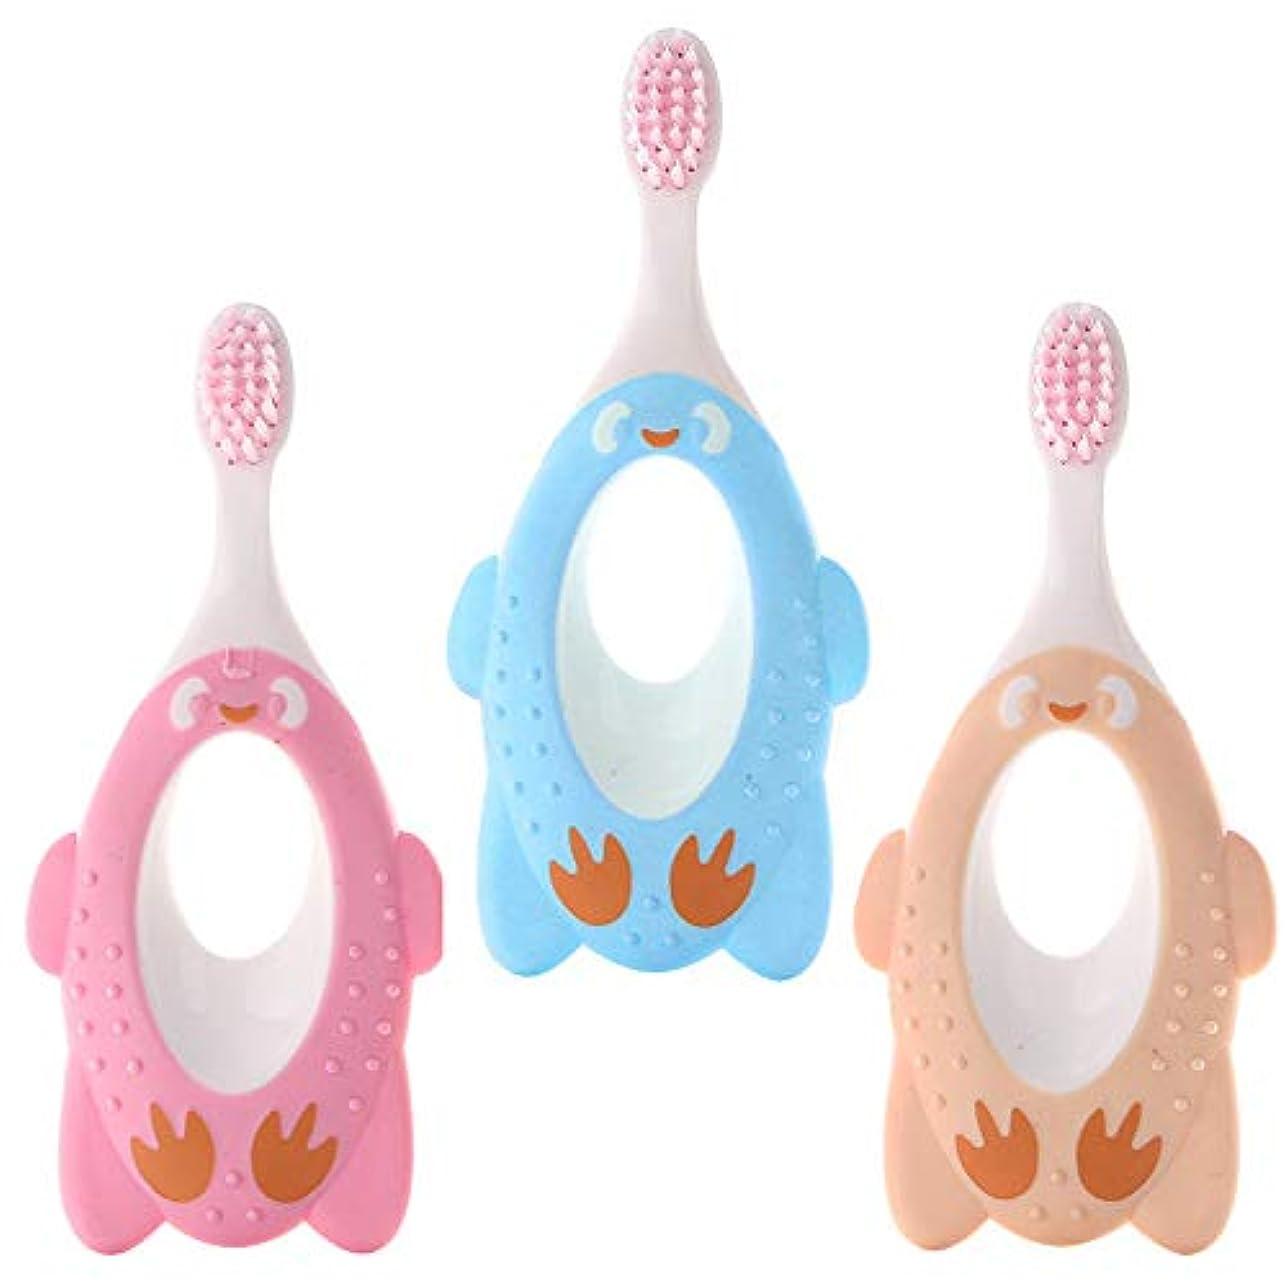 アーティファクトぼろ遅い赤ん坊、幼児および子供のための3つのかわいい赤ん坊の歯ブラシセットやわらかデンタルトレーニング歯ブラシオーラルケアセット17×9.5cm(ブルーピンクイエロー)